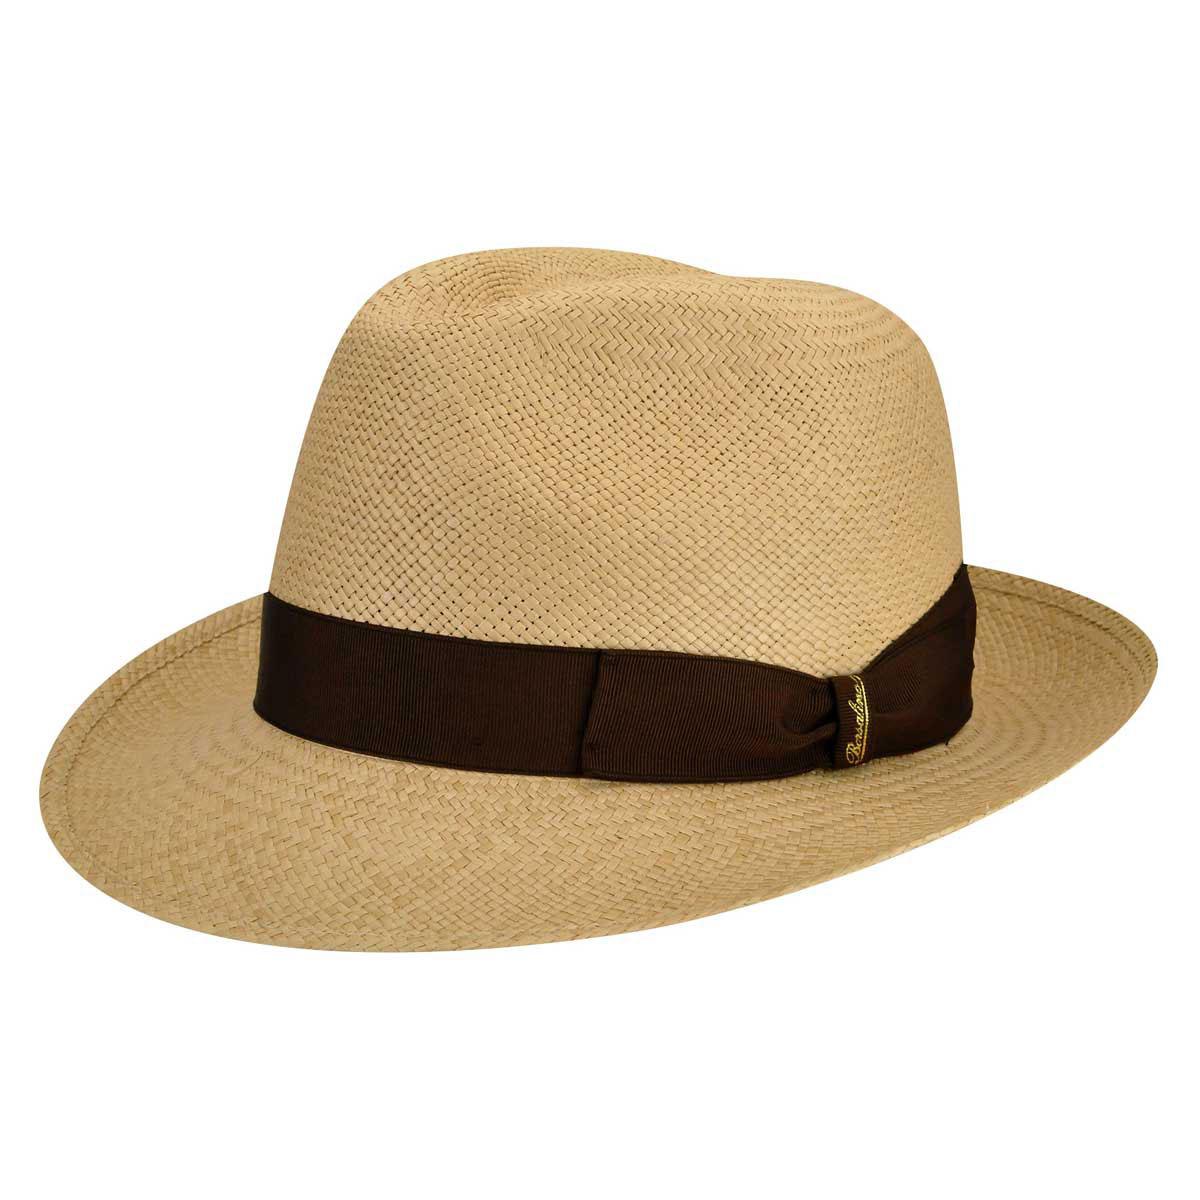 1950's Mens Hats Quito Panama Medium Brim Fedora $262.00 AT vintagedancer.com